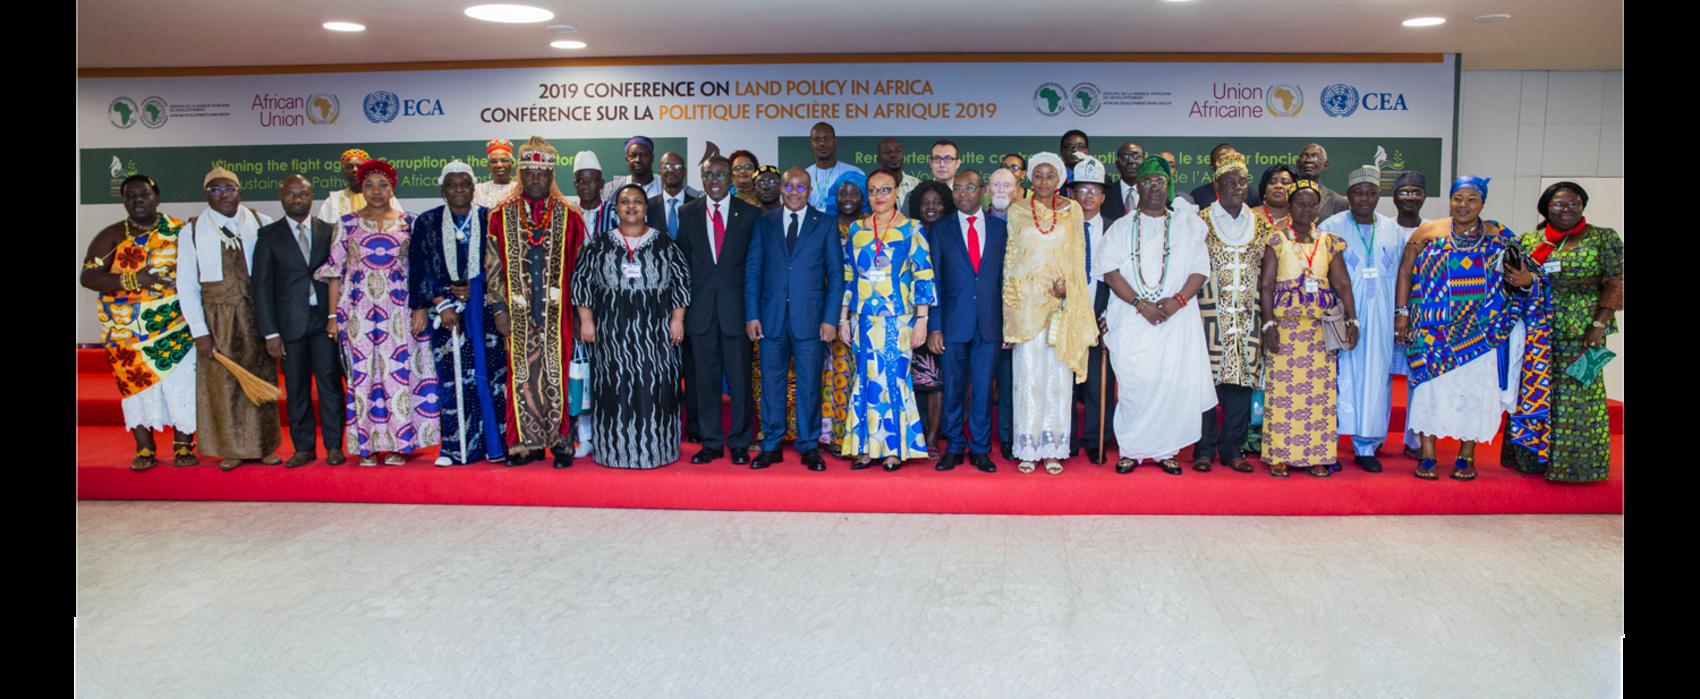 Conférence sur la politique foncière en Afrique : Les technologies doivent permettre d'éliminer la corruption dans le secteur foncier, selon Charles Boamah, vice-président principal de la Bad